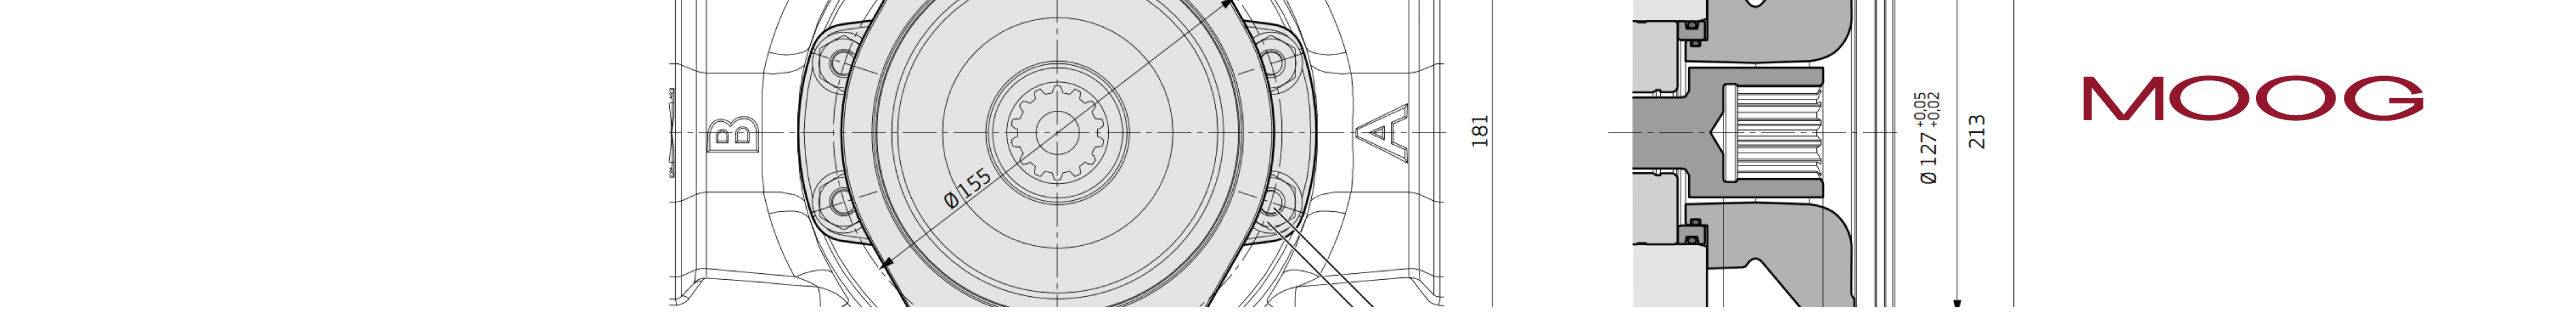 RKP Moog Detail